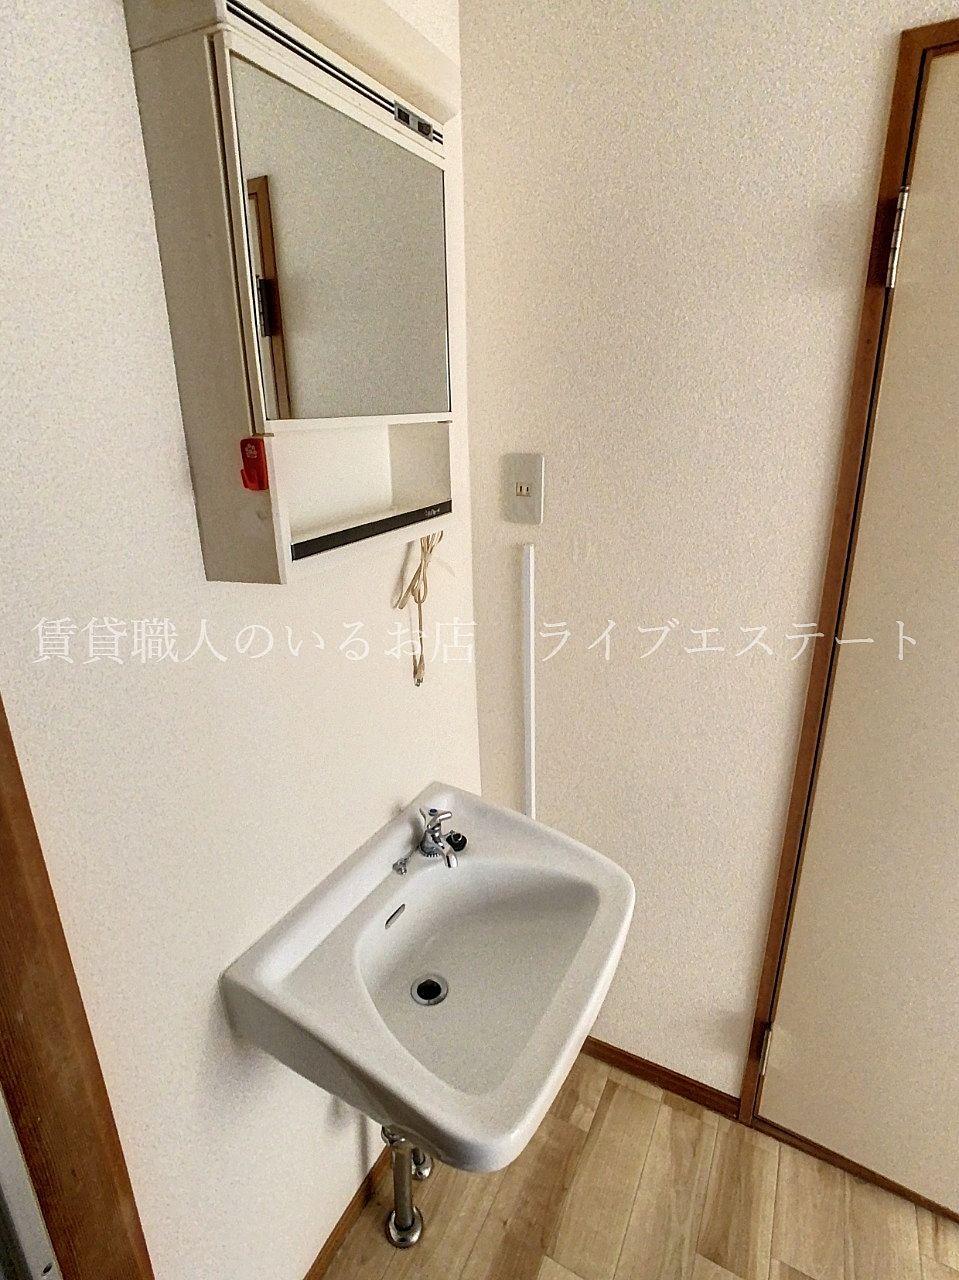 鏡の後ろに歯ブラシなどしまえます